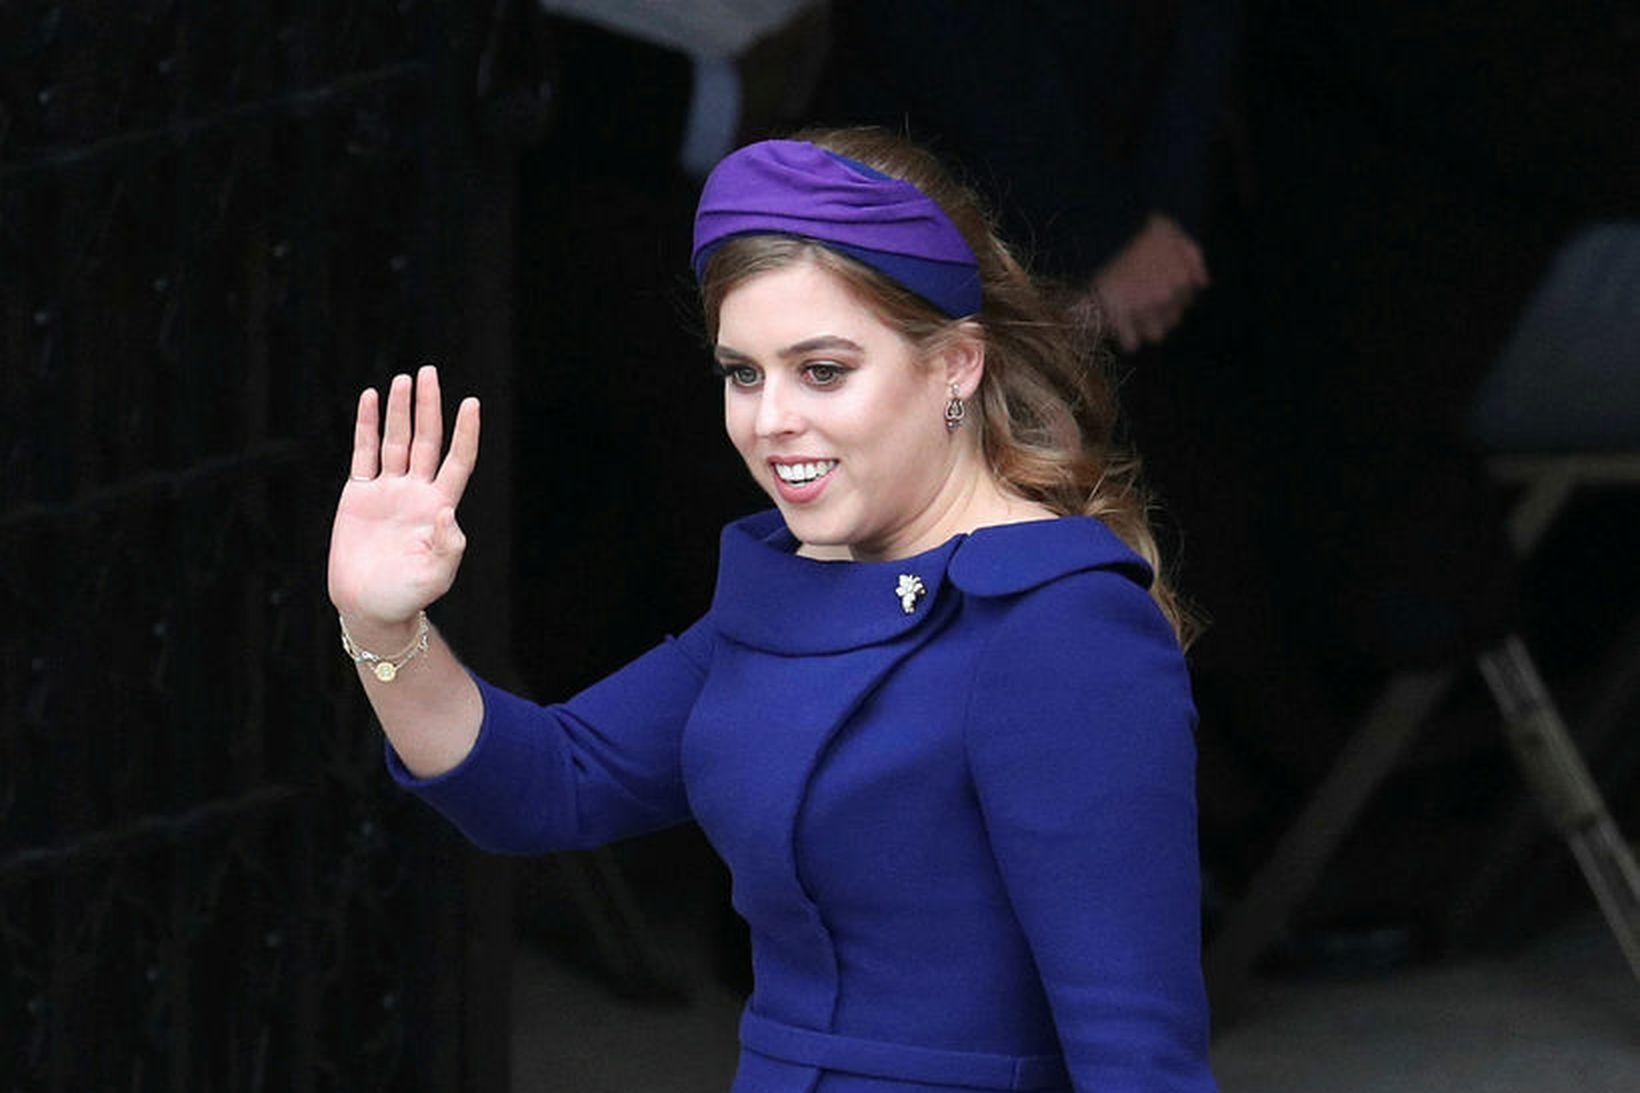 Beatrice prinsessa er trúlofuð en vandræði föður hennar hafa sett …